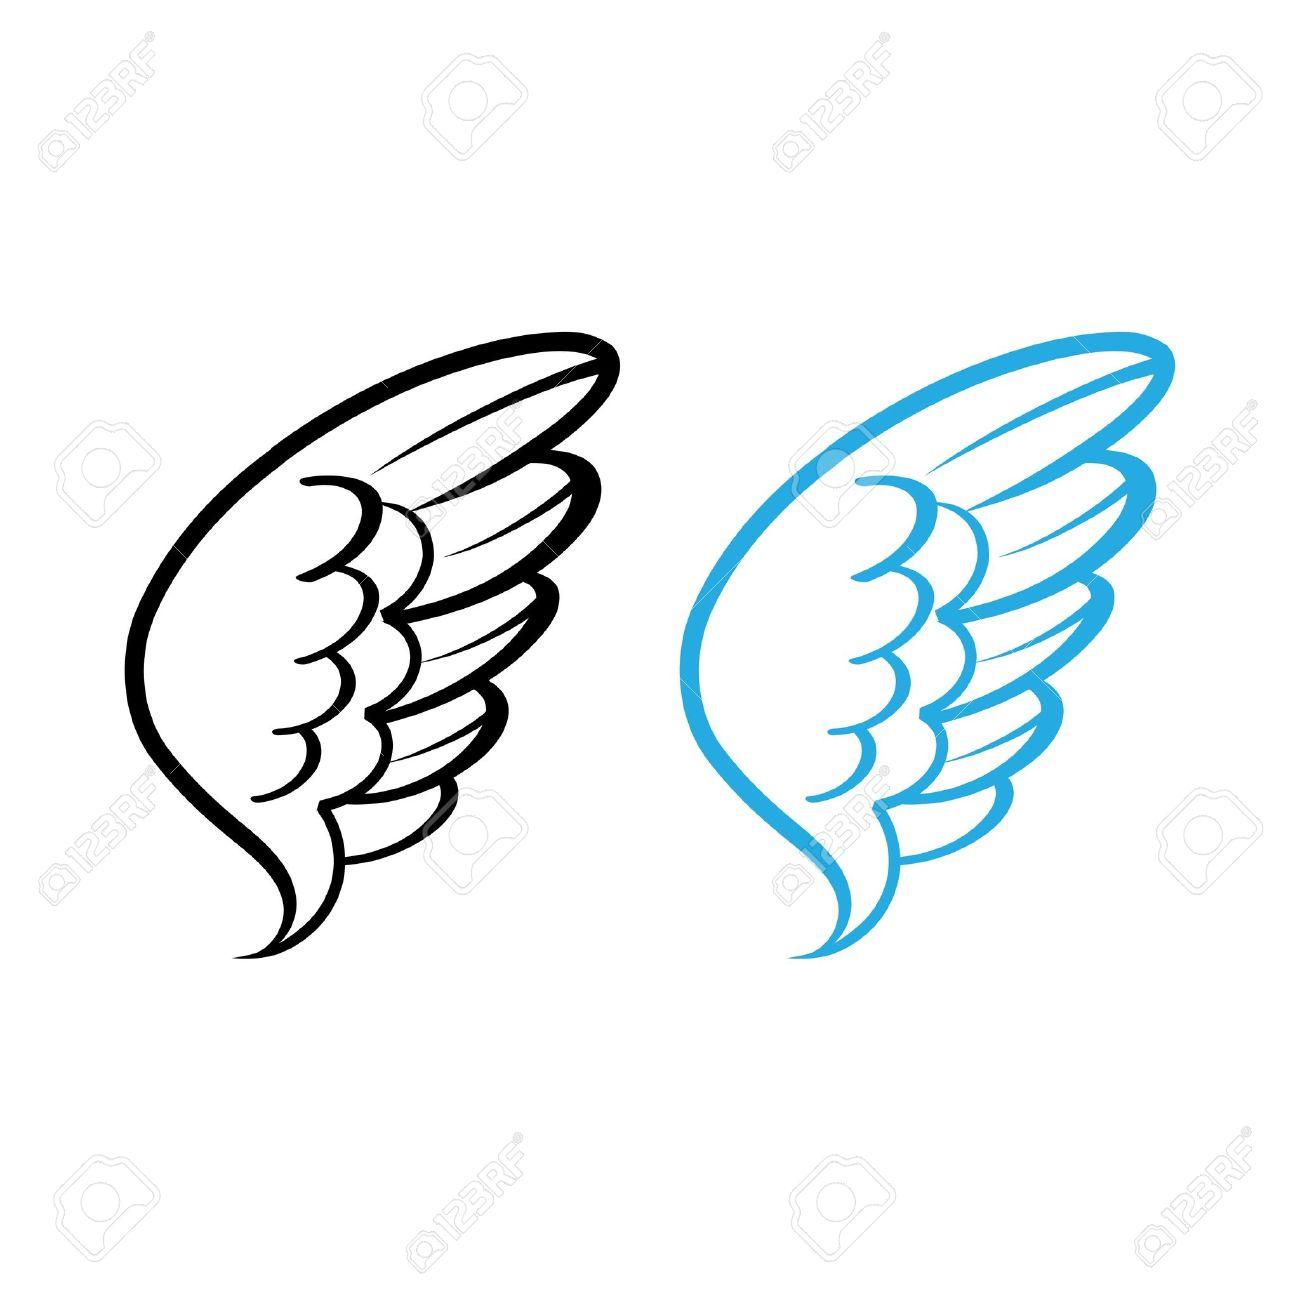 鳥の翼の白い羽のベクトル イラスト鳩白鳥天使鶏編のイラスト素材